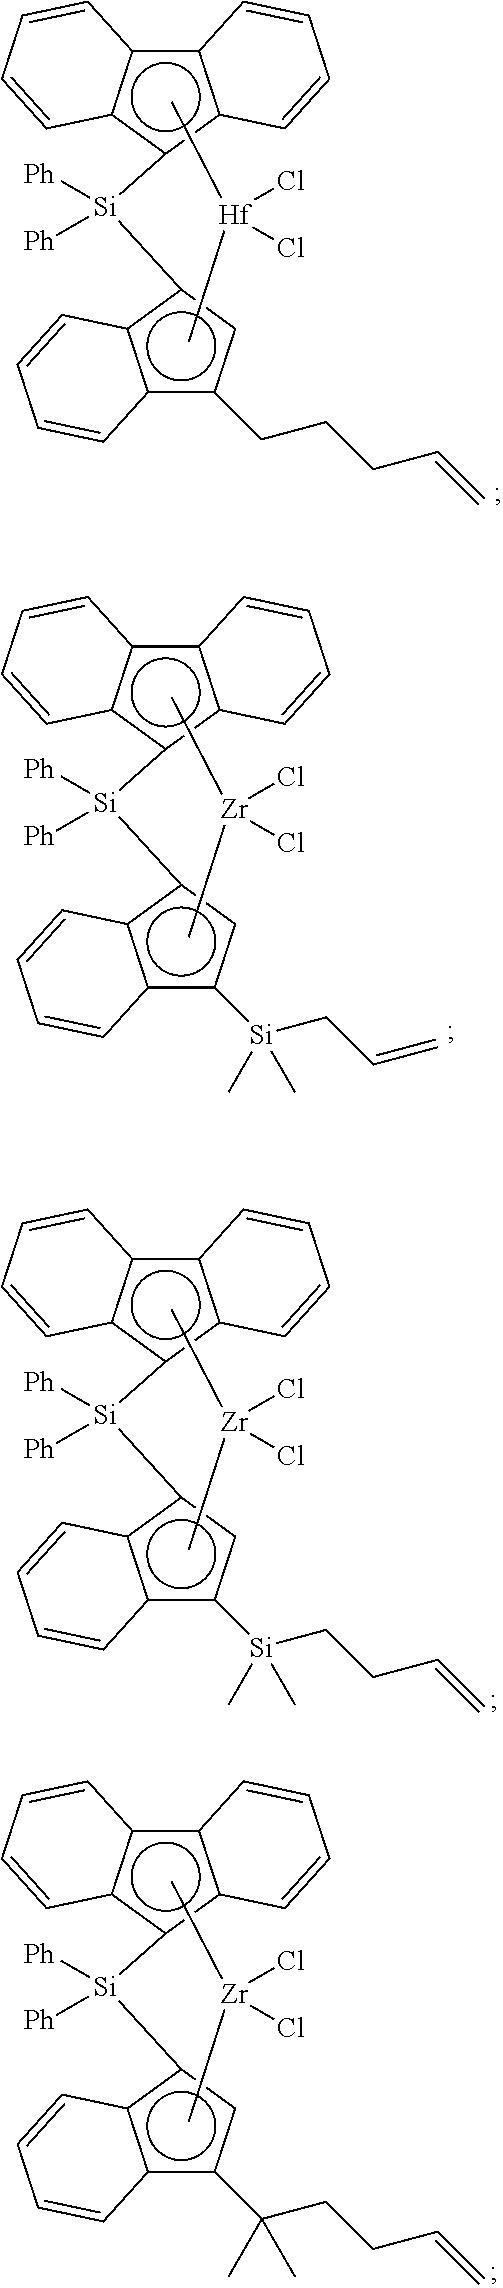 Figure US08501654-20130806-C00018